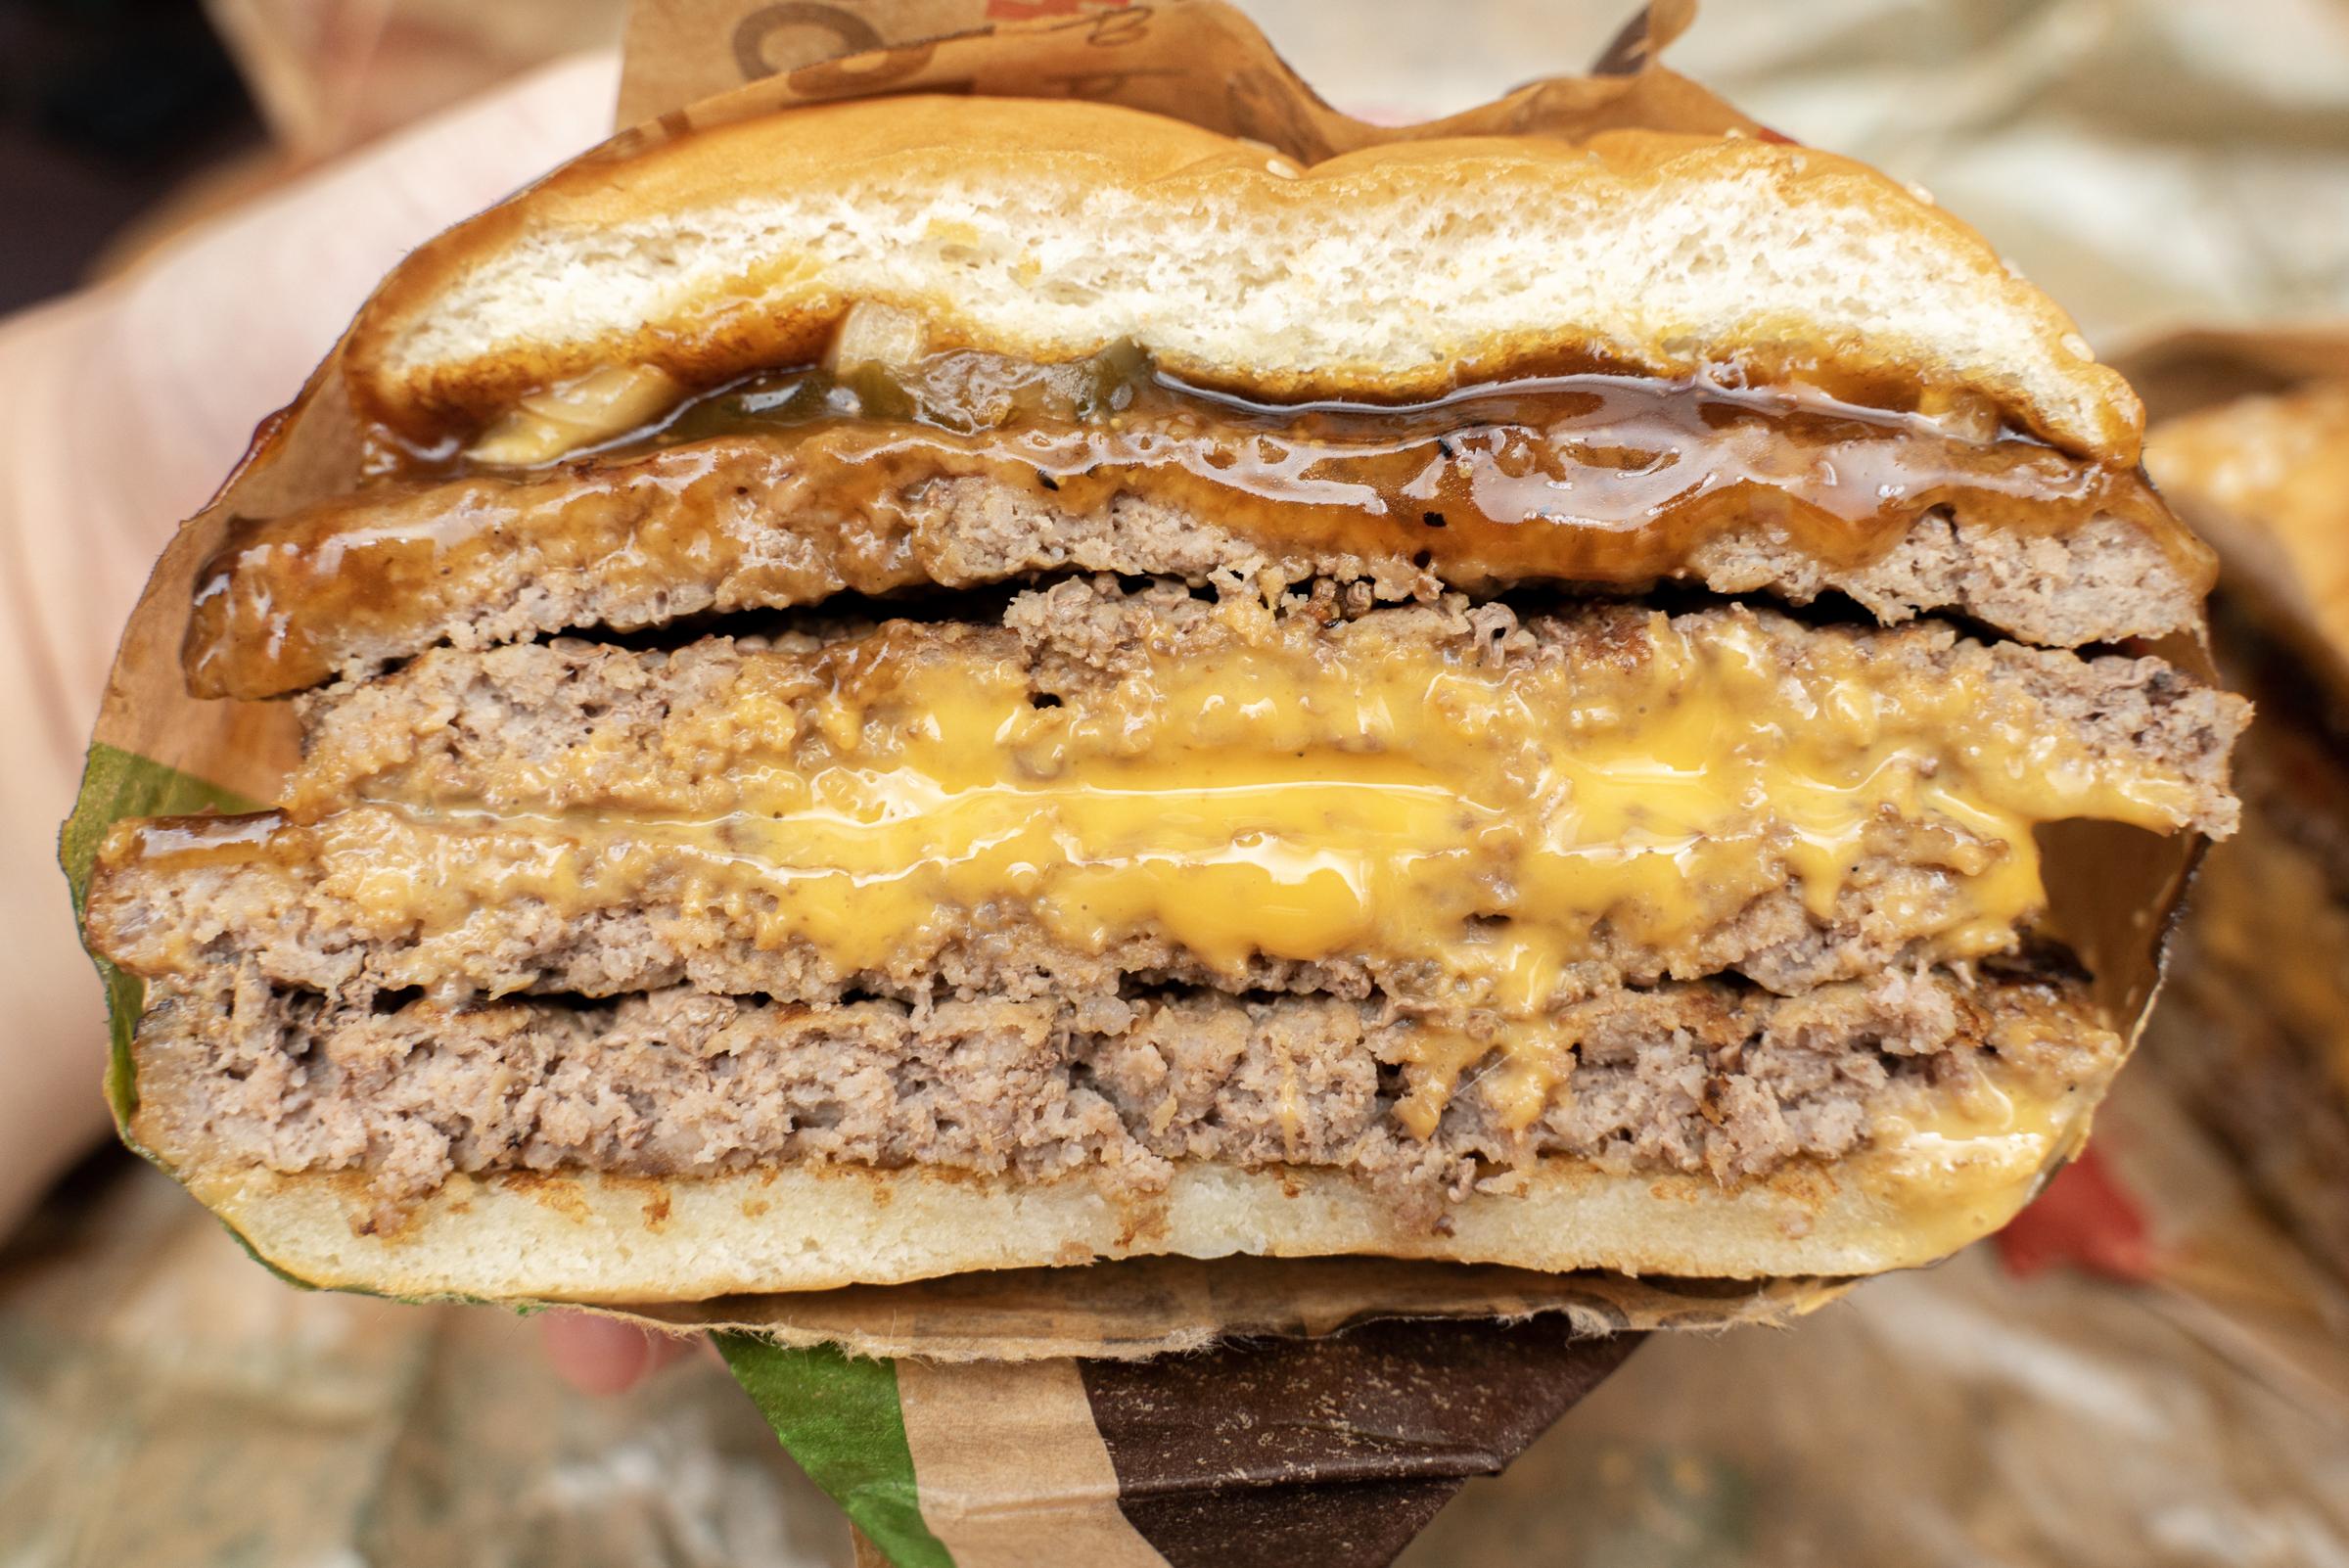 バーガーキング「東京テリヤキタワー 超ワンパウンドビーフバーガー」を食べてみた / 約束されたテリヤキ肉ヘヴン